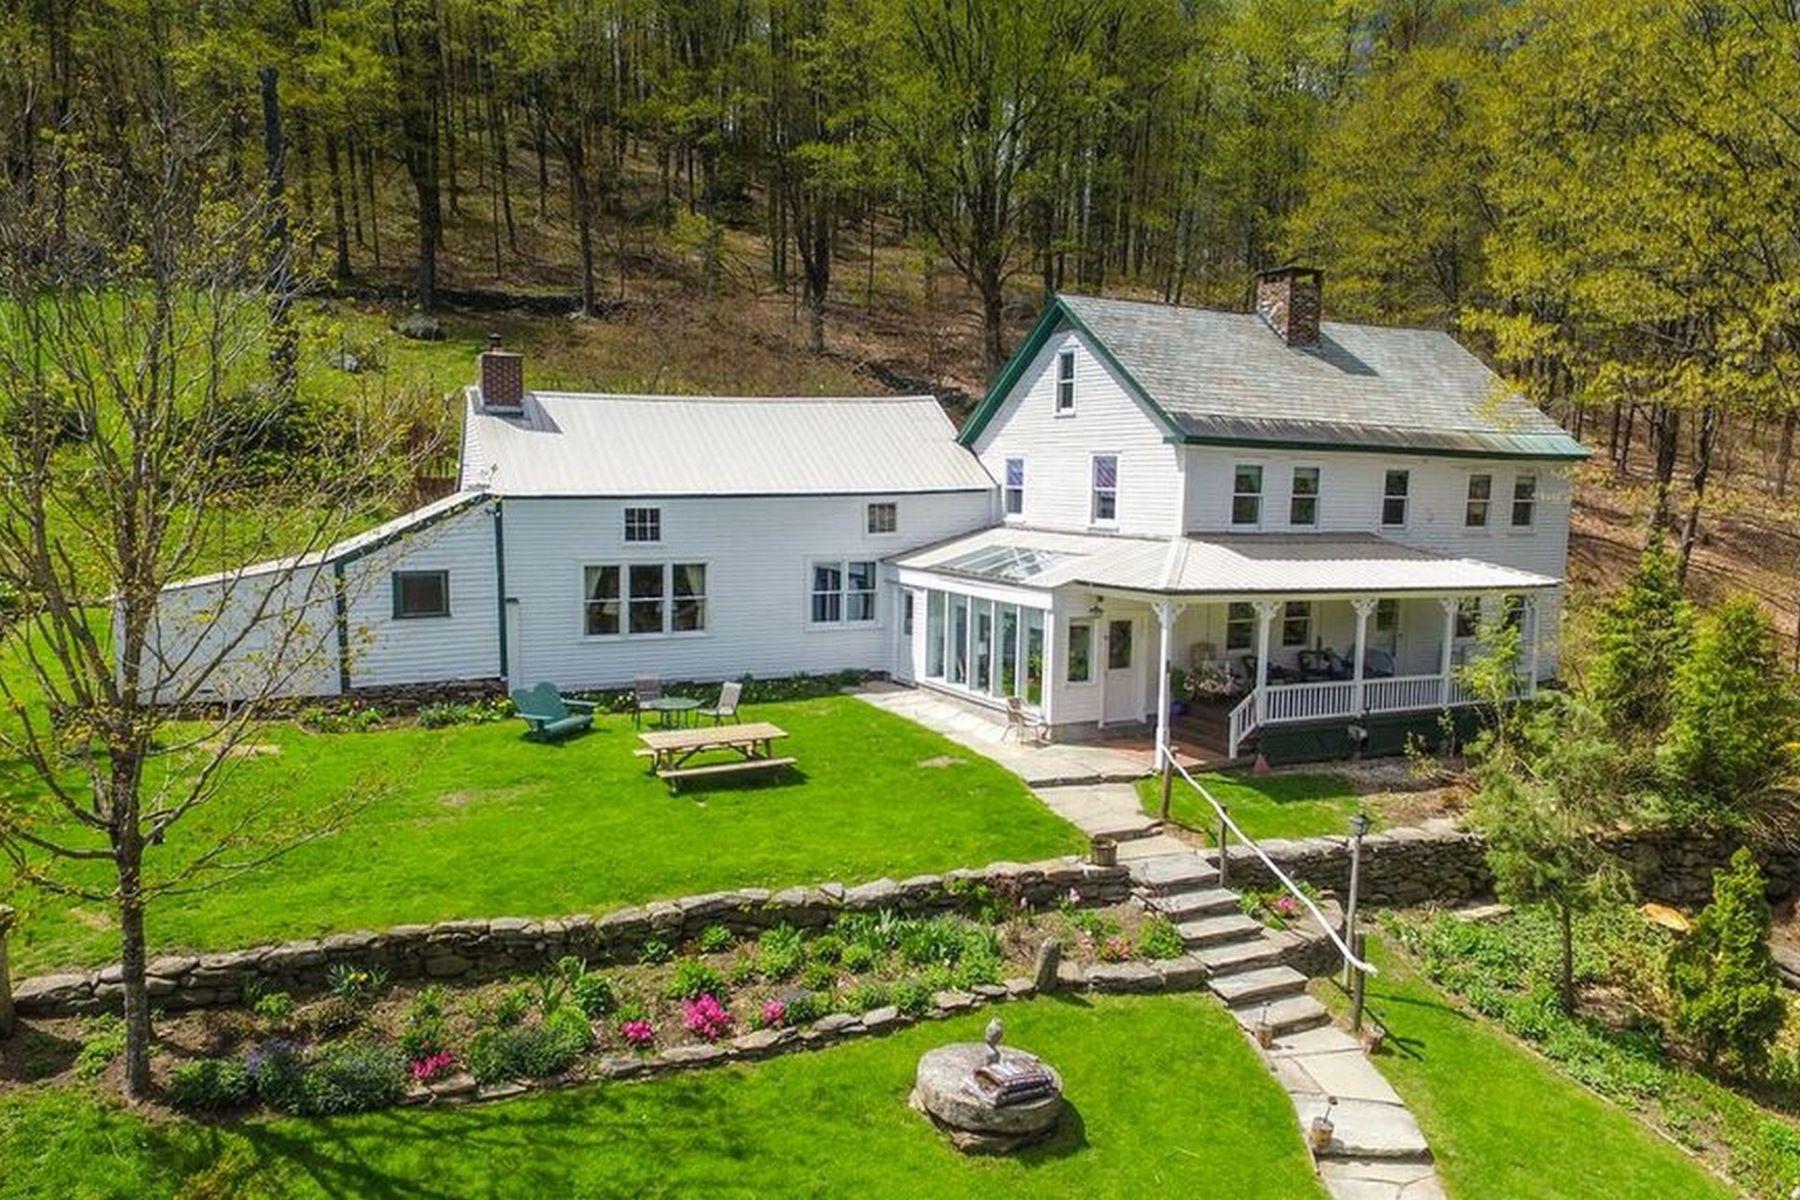 Casa Unifamiliar por un Venta en 49 Larson 49 and 12, Wilmington Wilmington, Vermont, 05363 Estados Unidos